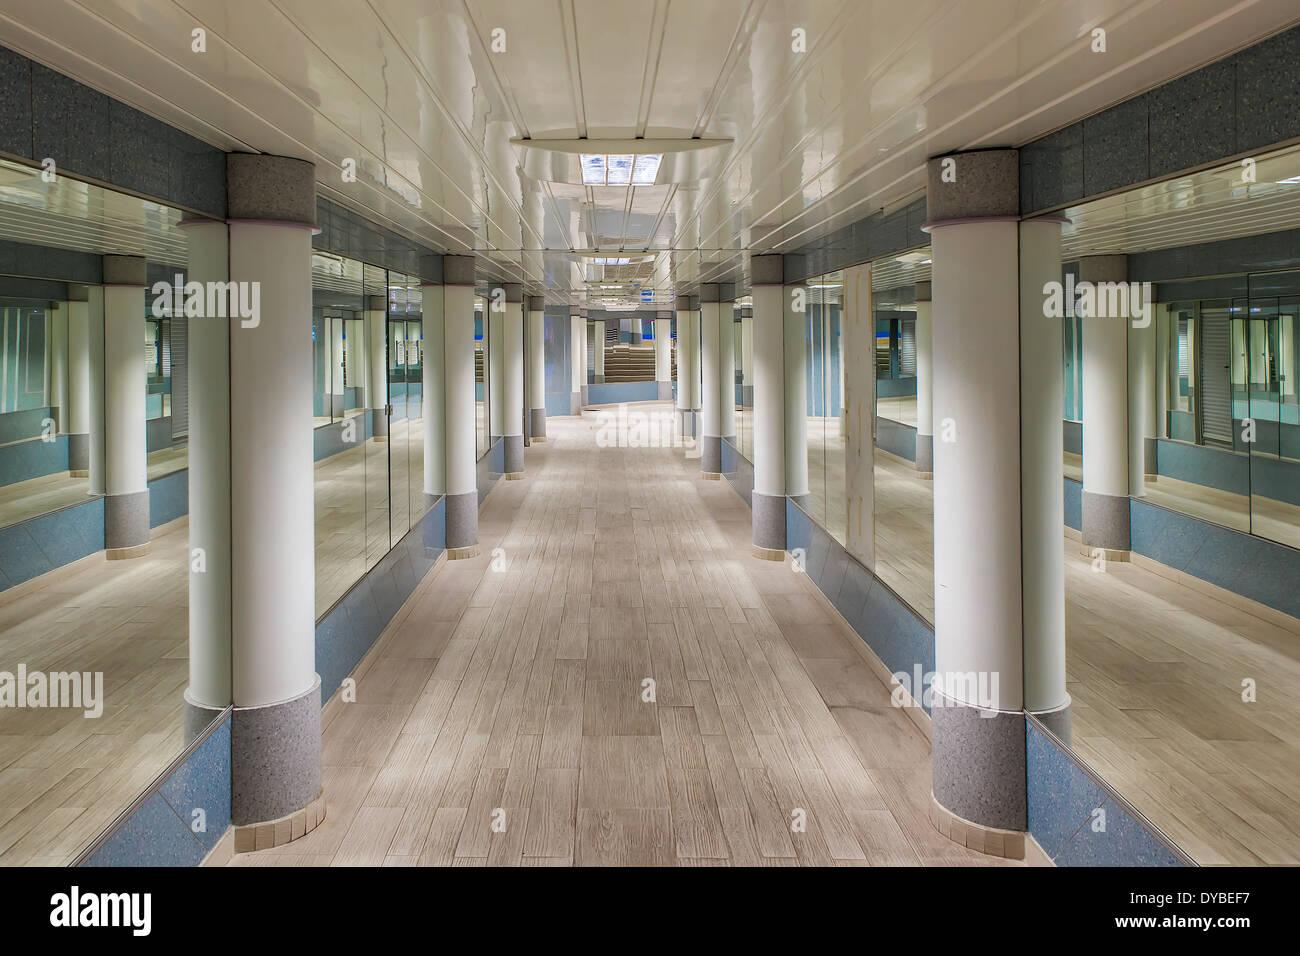 View of modern underground pedestrian passage with mirrors on ...